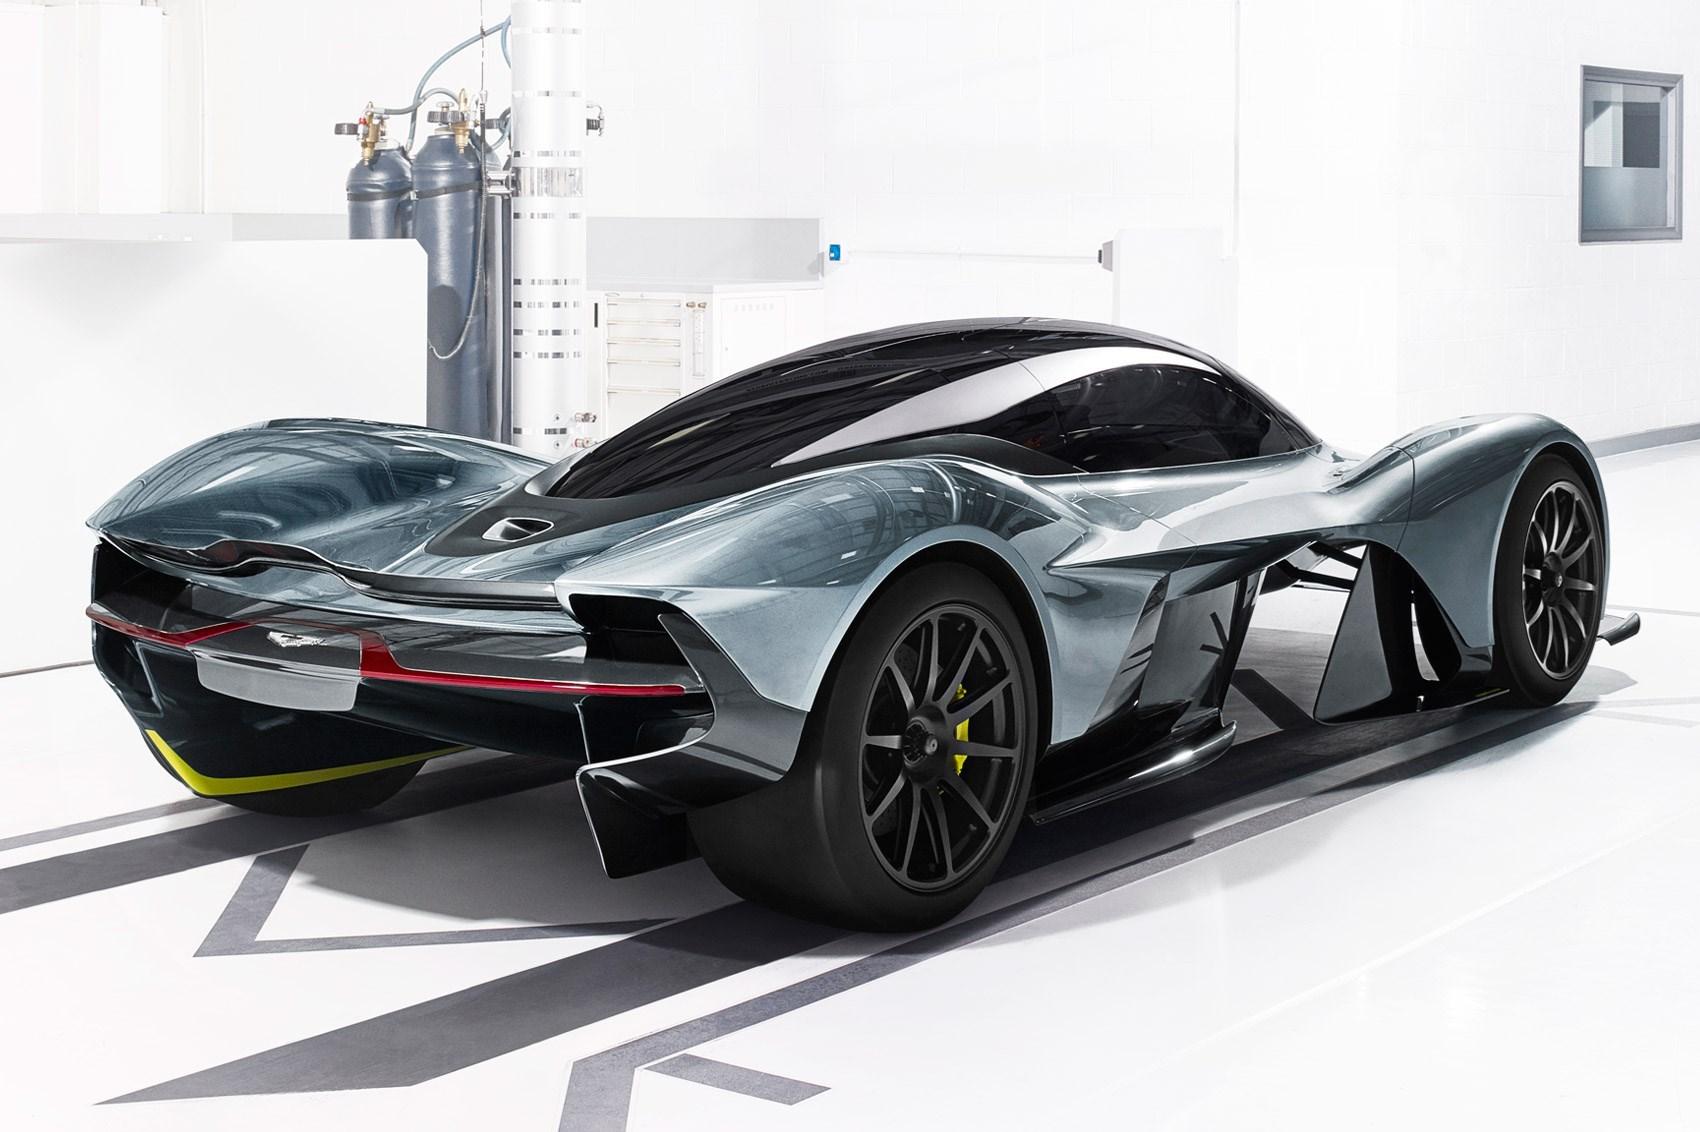 Max Verstappen Krijgt Aston Martin Valkyrie Hartvoorautos Nl